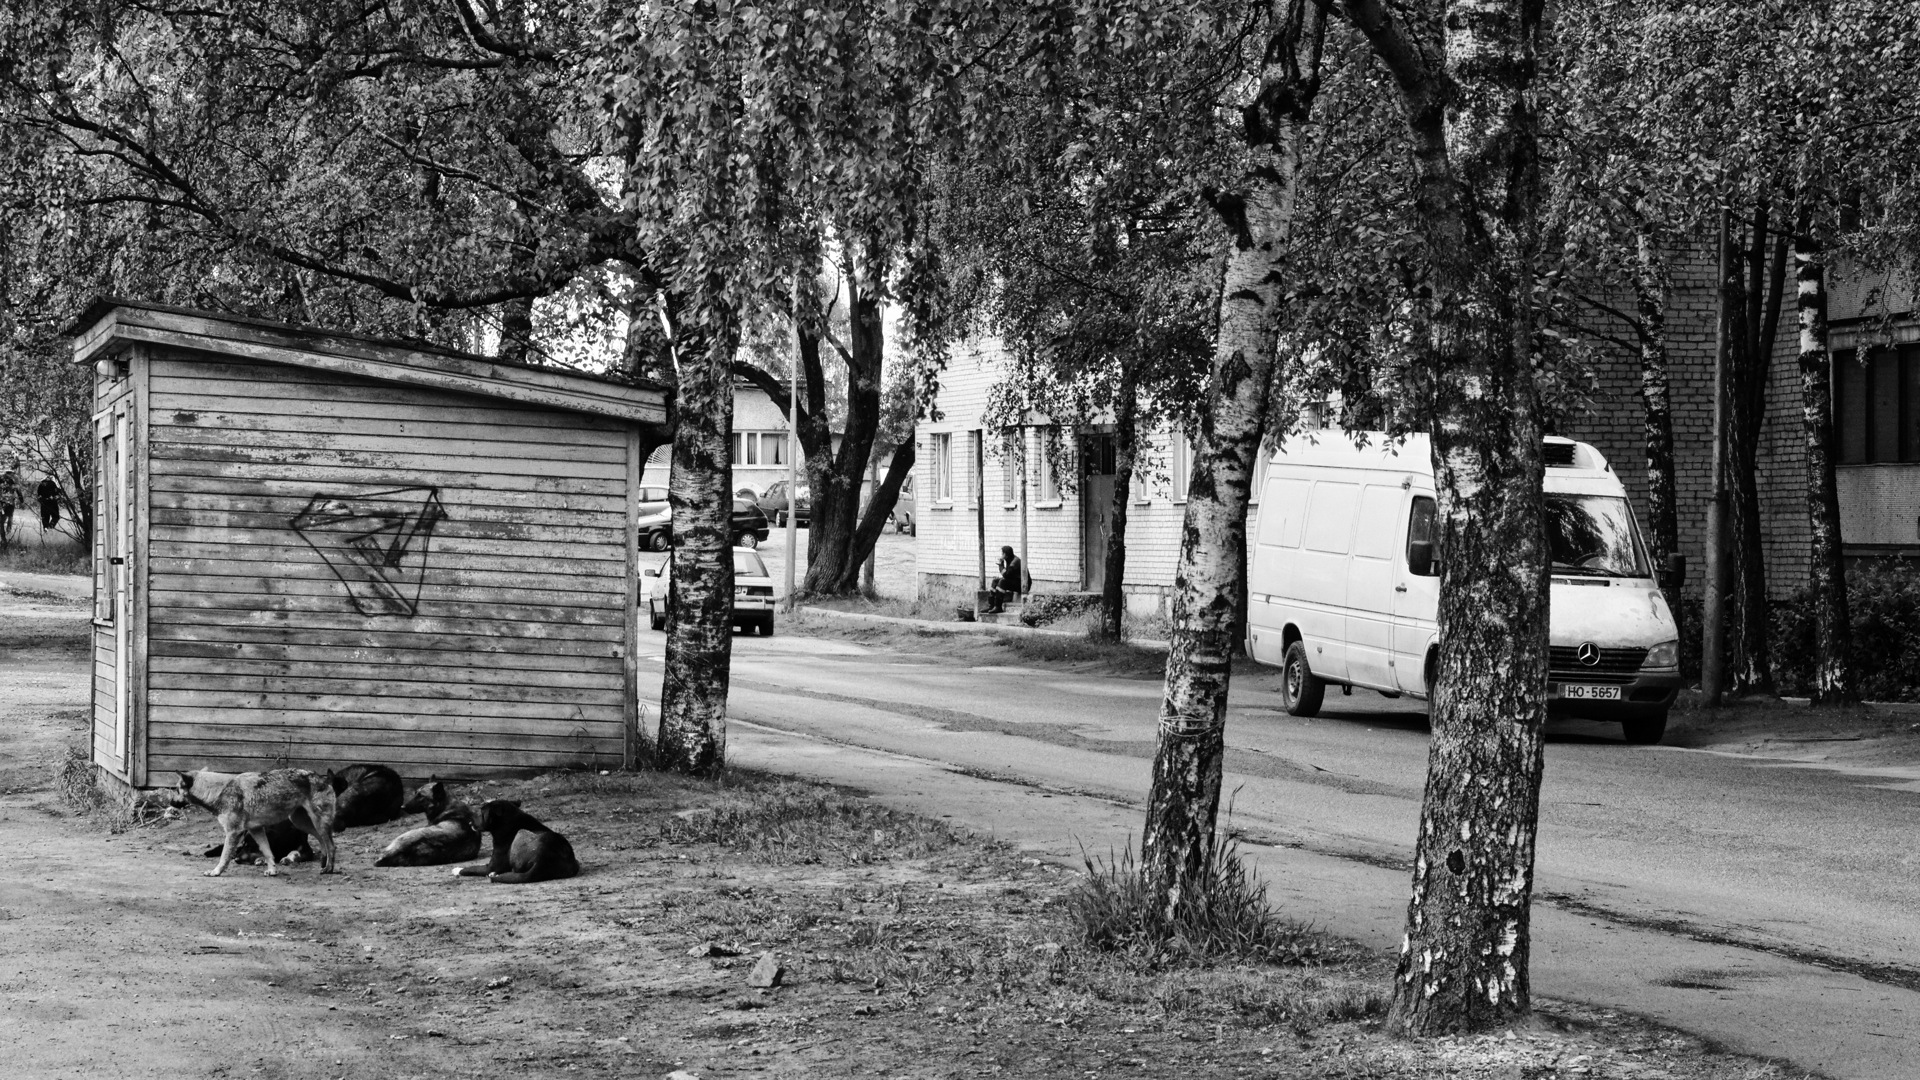 Bild: Die Hunde von Riga. Frühmorgens im Stadtteil Daugavgrīva. OLYMPUS OM-D E-M5 mit M.ZUIKO DIGITAL ED 12‑40mm 1:2.8. ISO 640 ¦ f/7,1 ¦ 40 mm ¦ 1/320 s ¦ kein Blitz. Klicken Sie auf das Bild um es zu vergrößern.